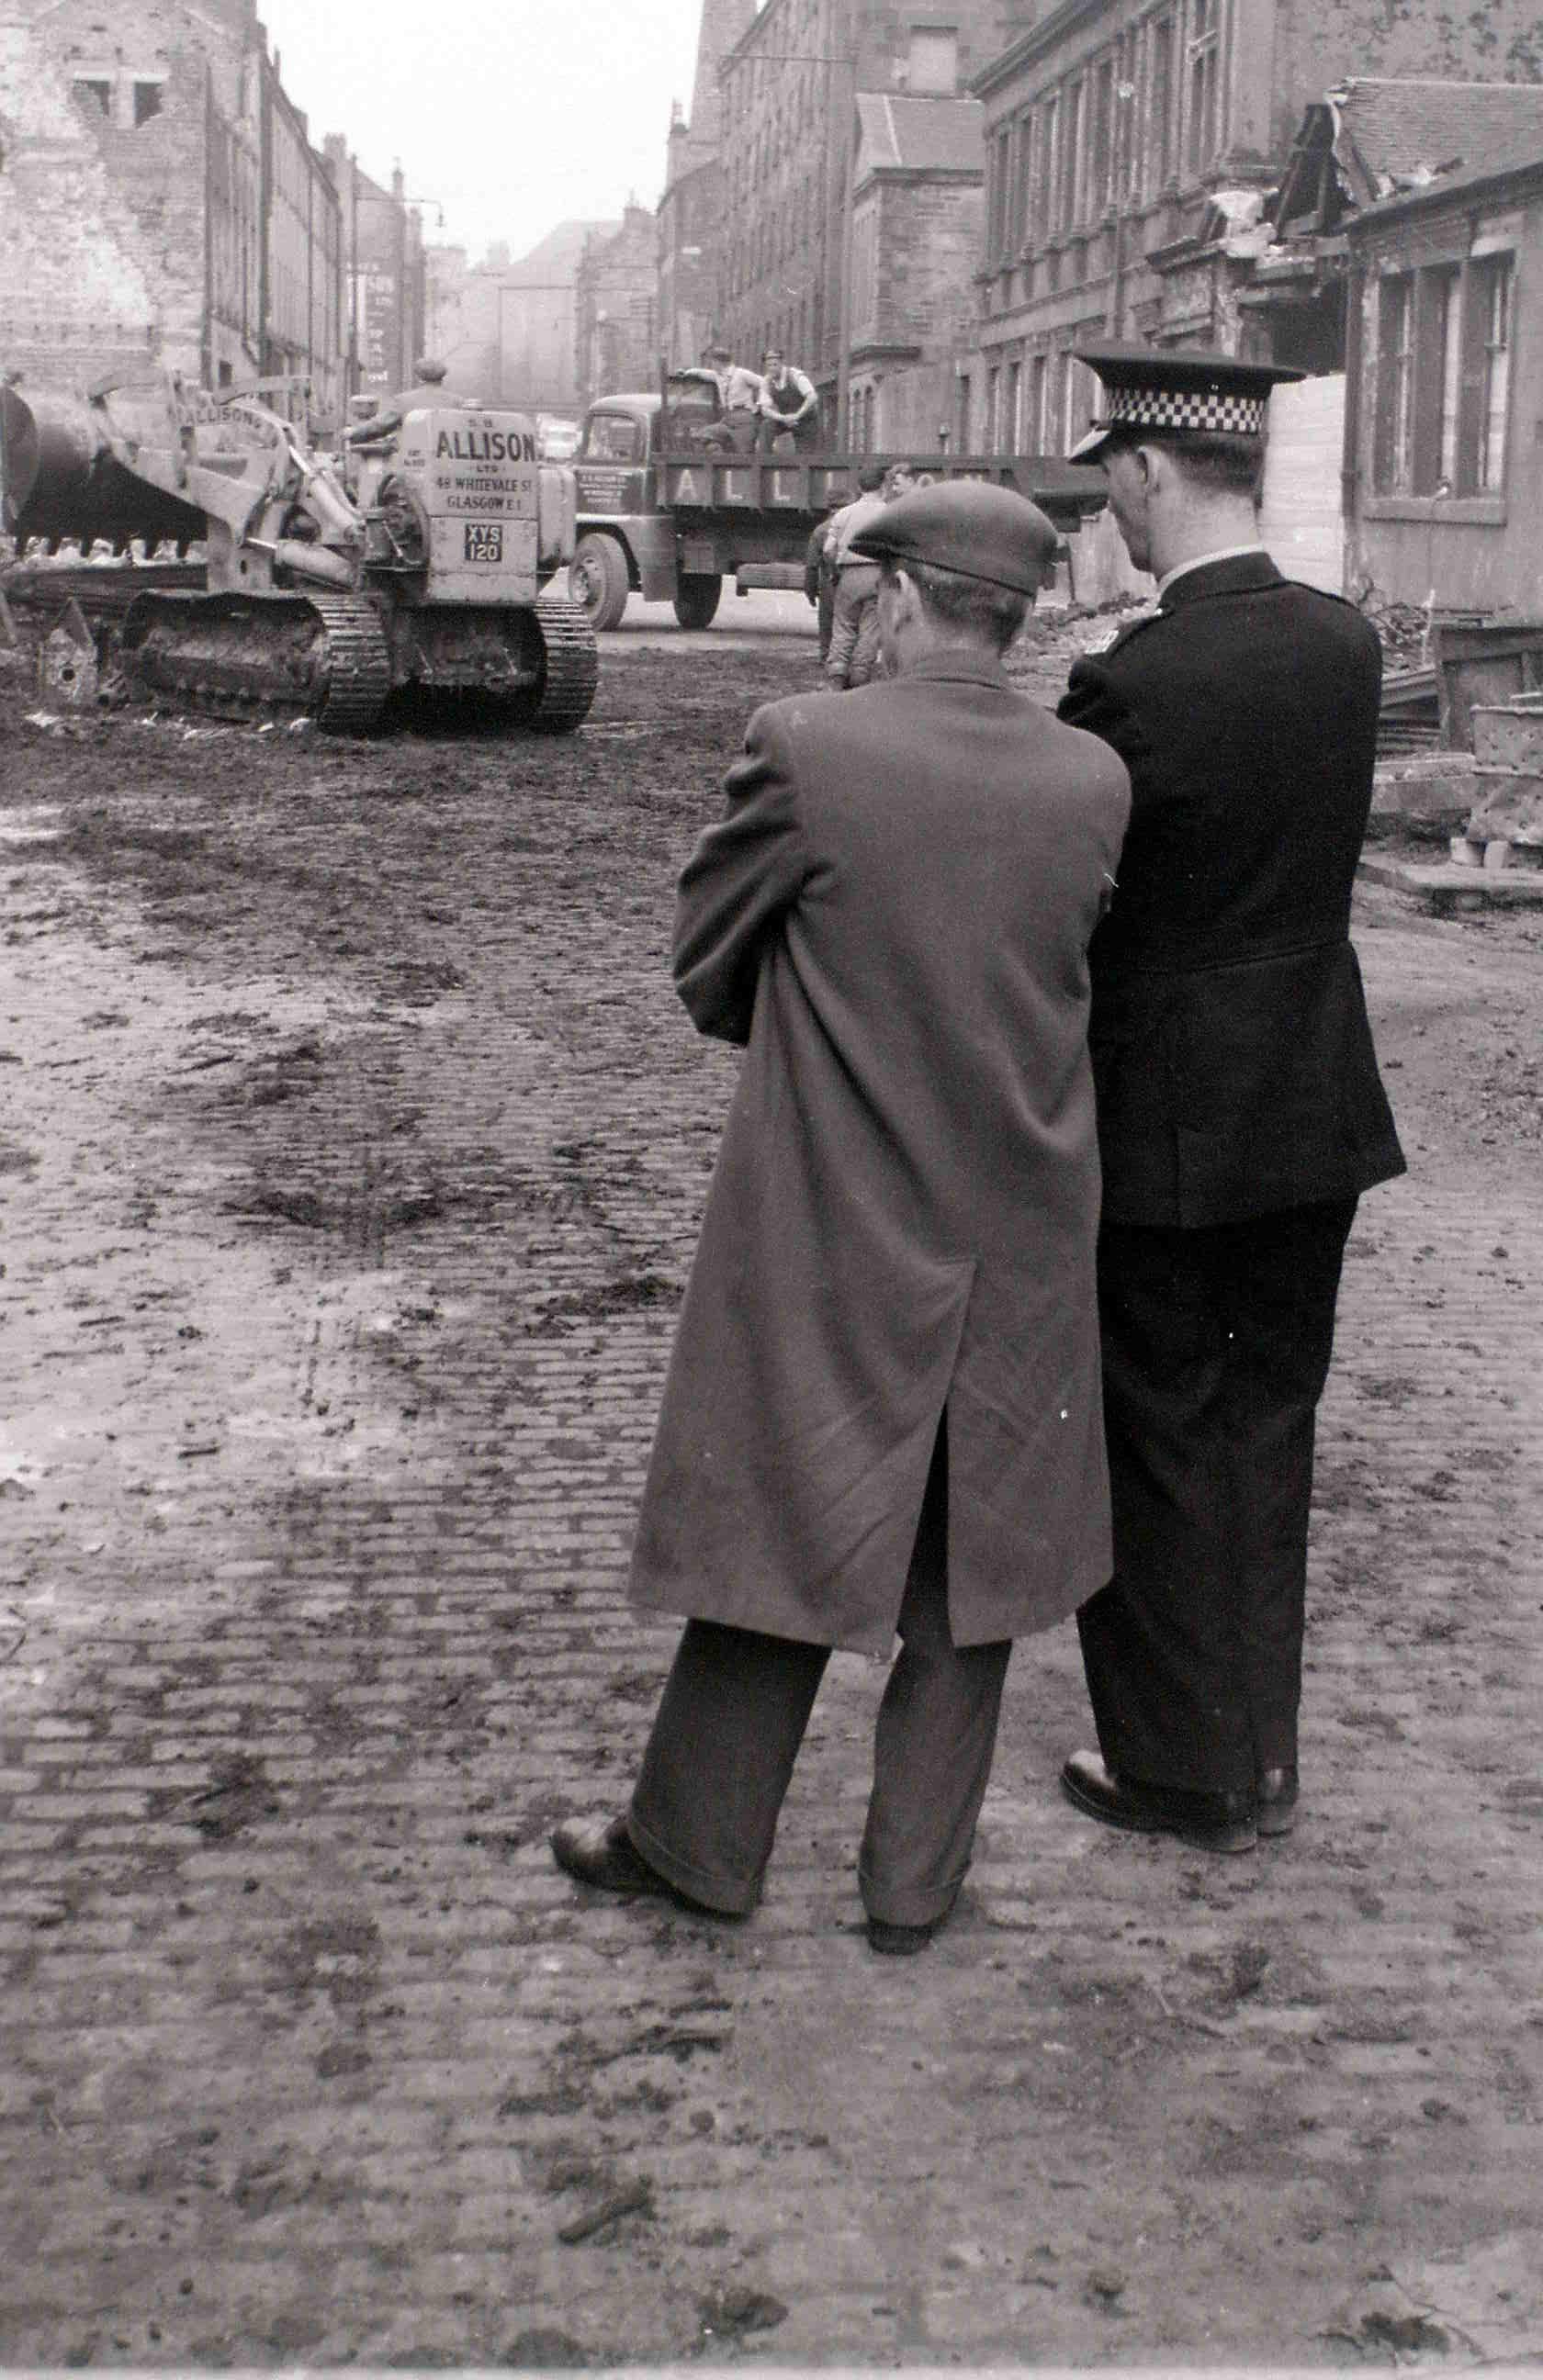 Глазго, 19 апреля 1960. После пожара1.jpg